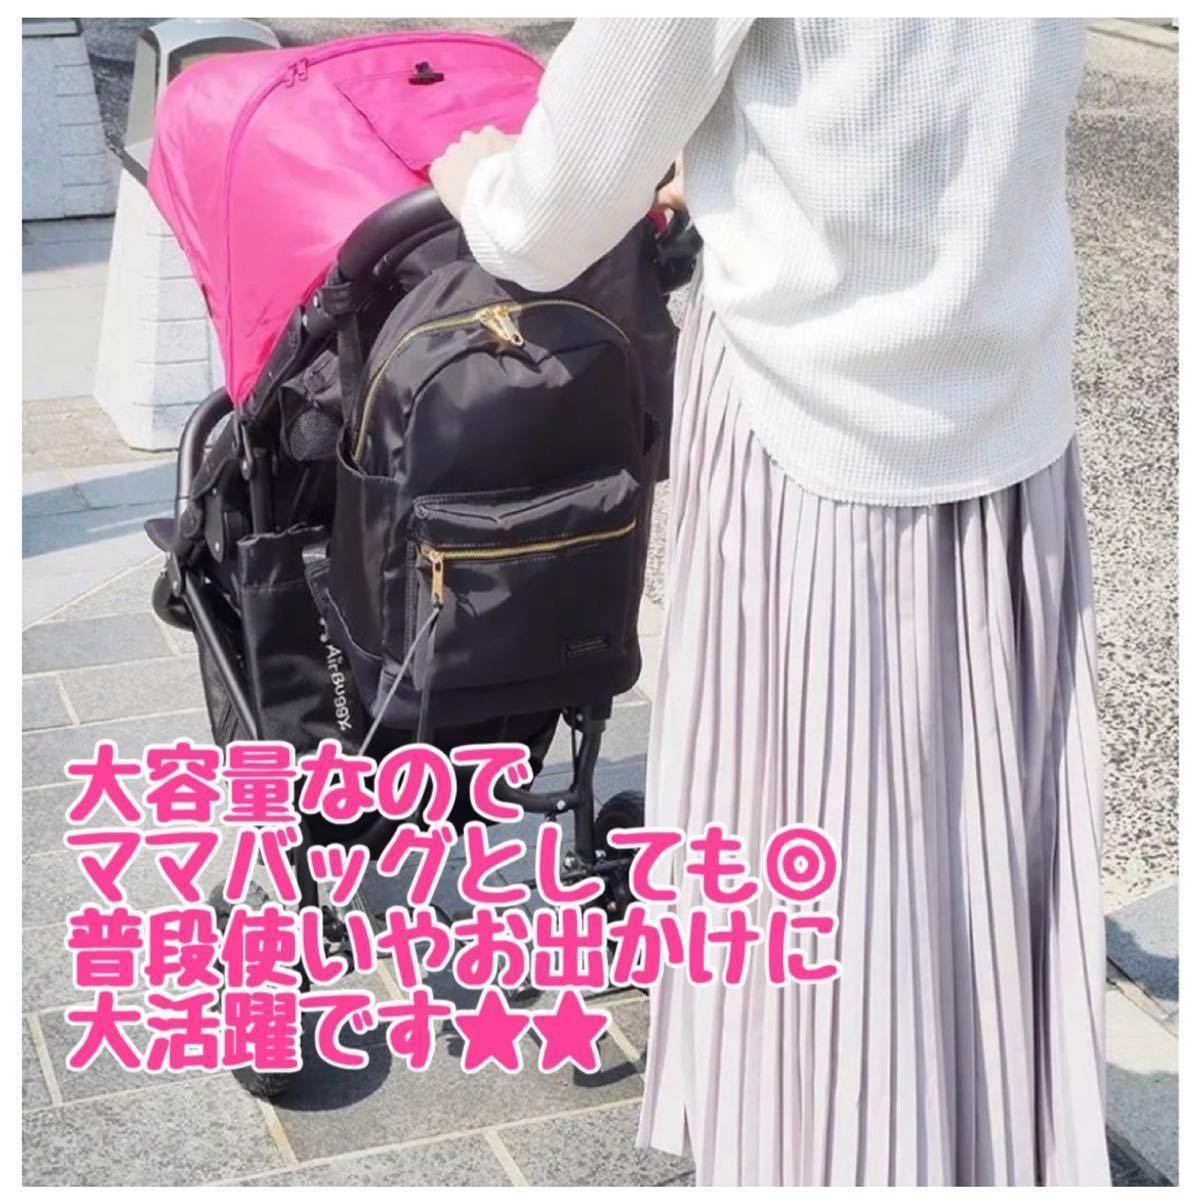 レディース リュック マザーズリュック キャンパスバッグ ブラック 大容量 防水 通勤 通学 韓国 韓国ファッション ママバッグ